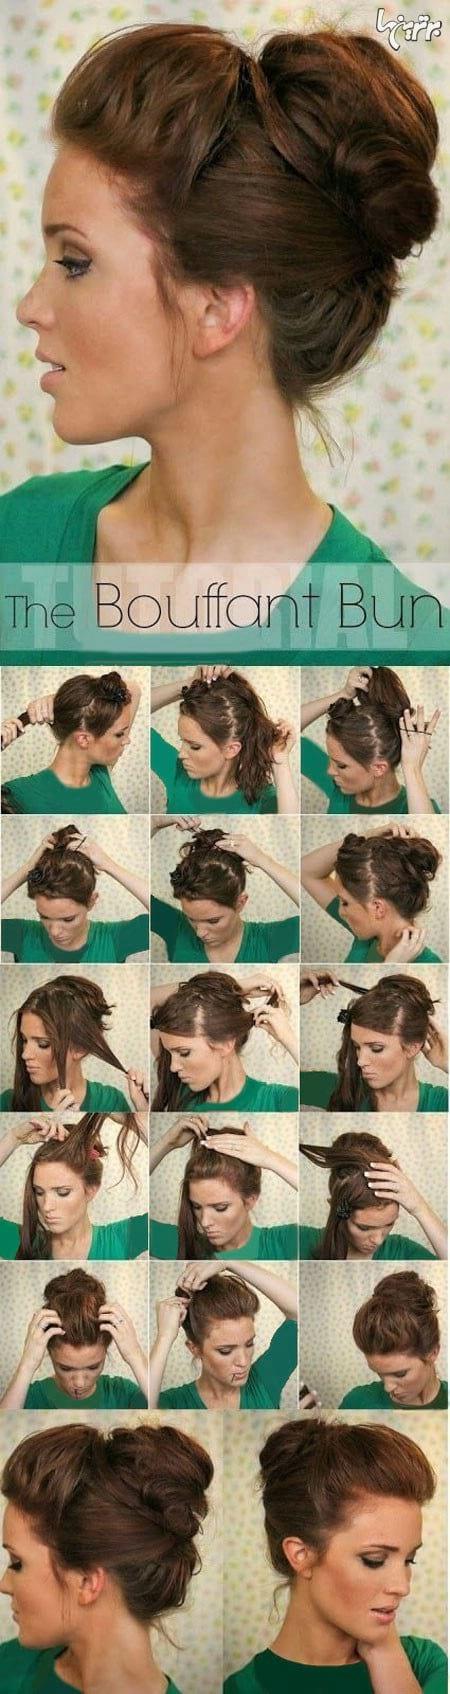 آموزش بستن مو (6)